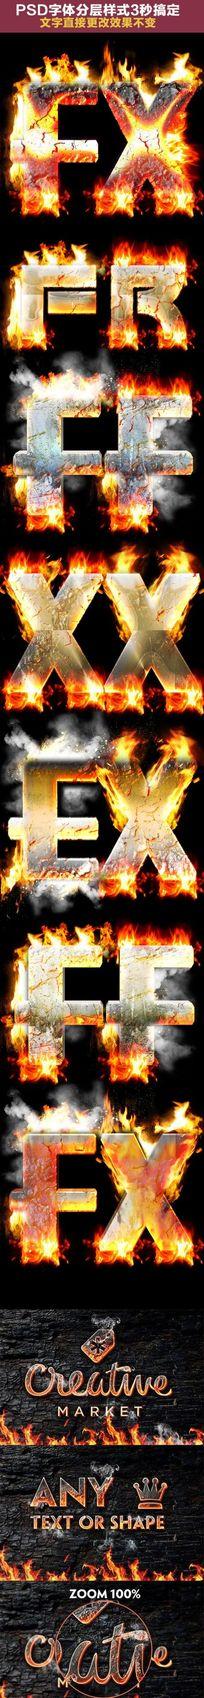 燃烧的火焰字体样式psd素材